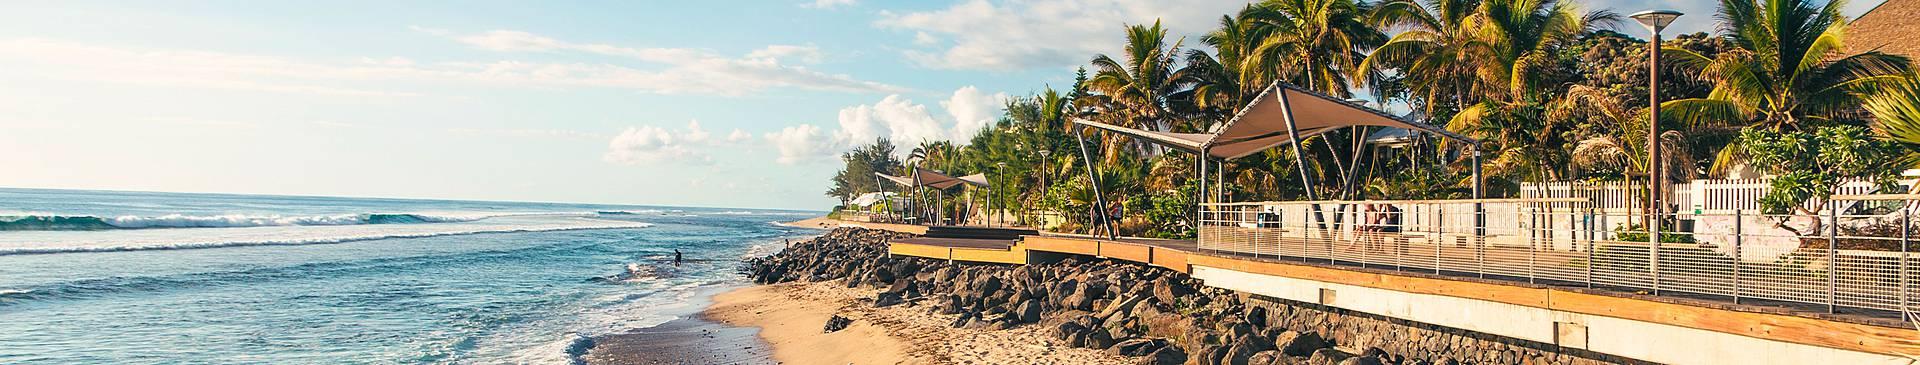 Voyage plage à la Réunion